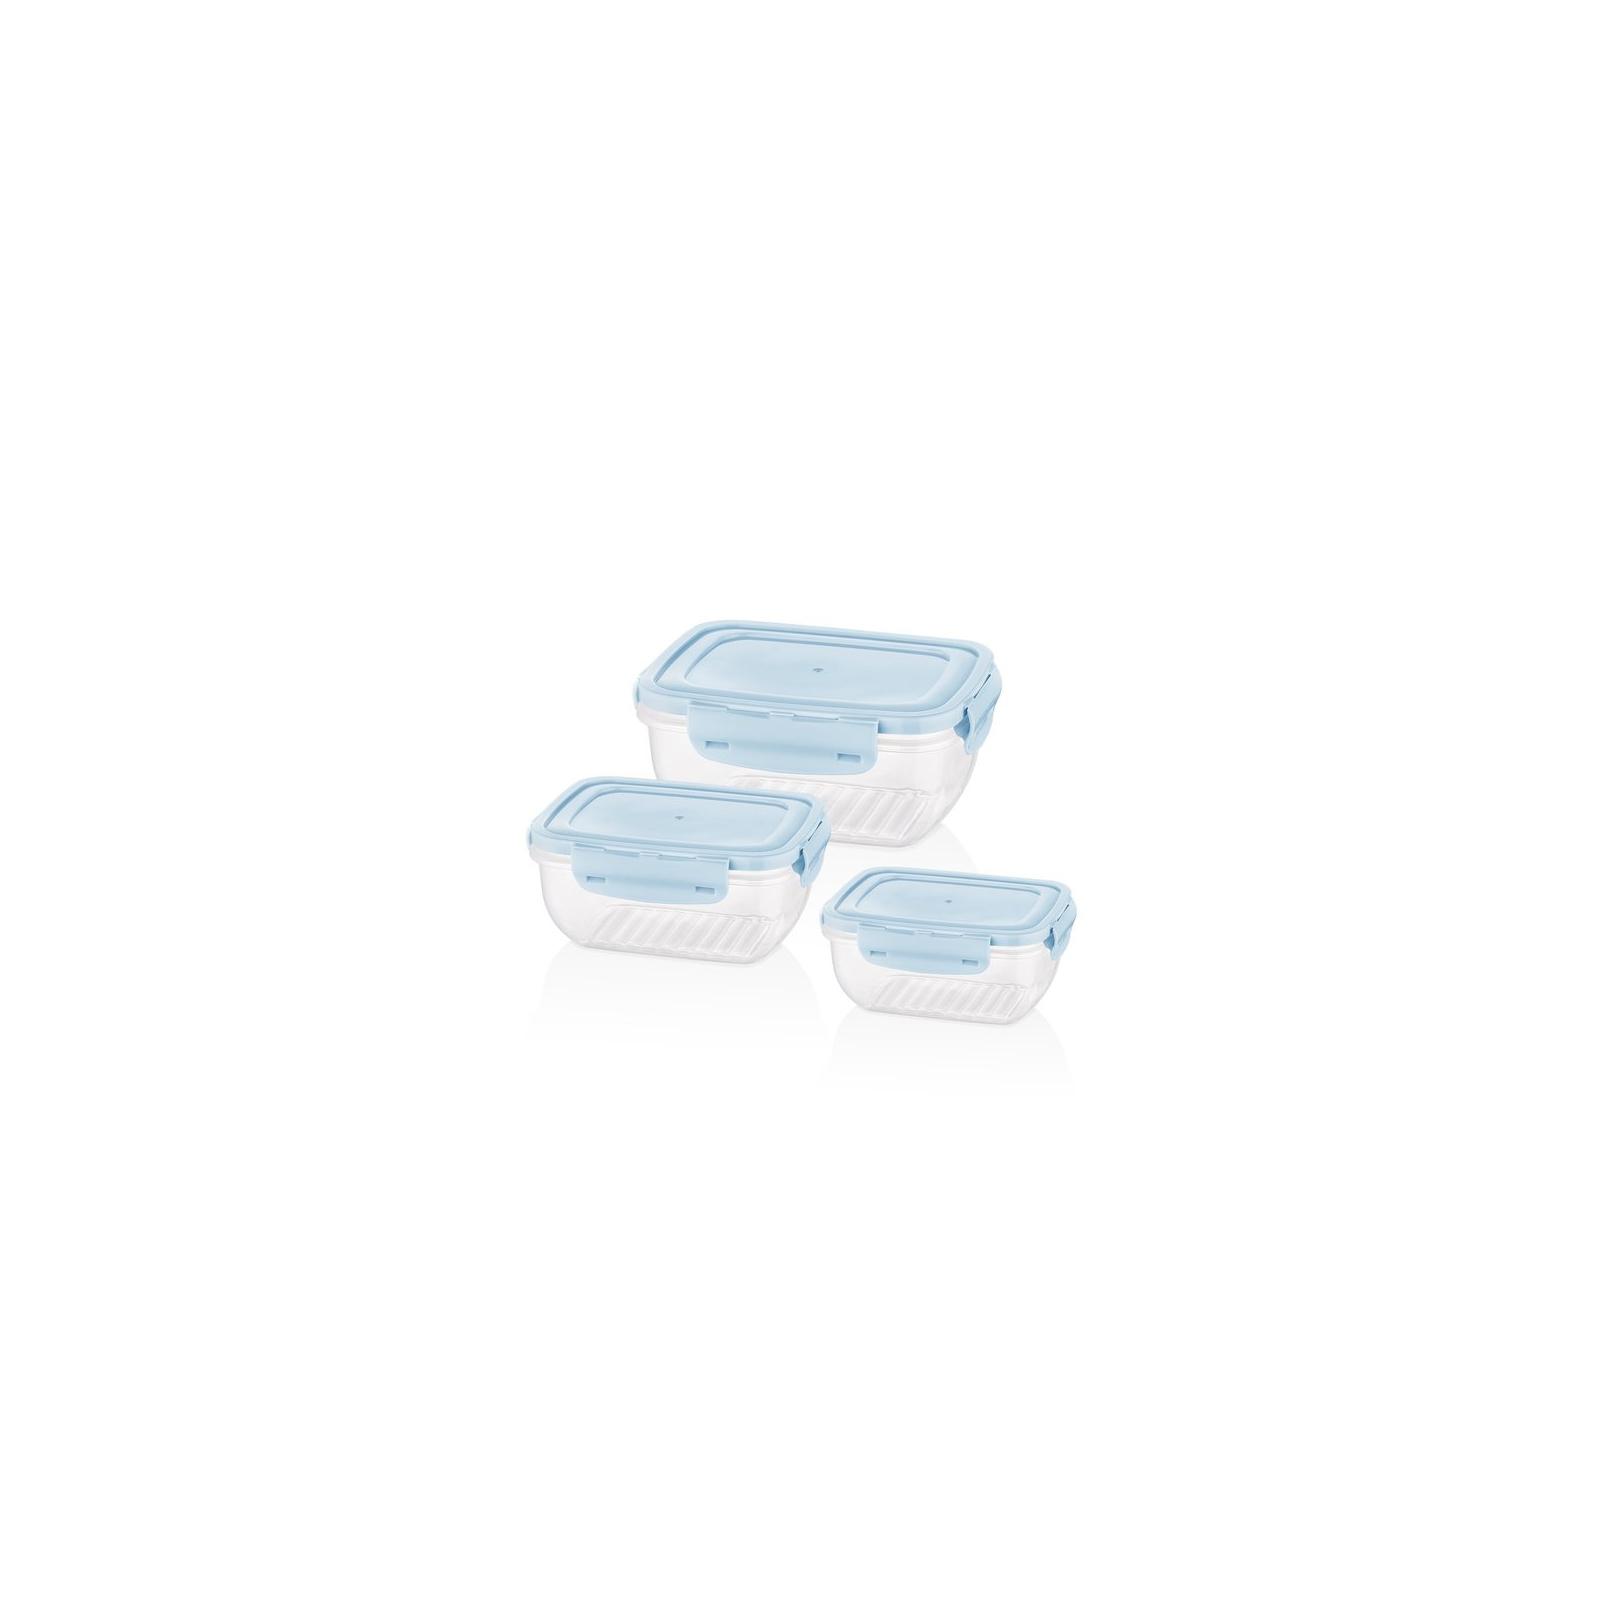 Пищевой контейнер Bager Cook&Lock 3 шт 0.8, 1.4, 2.3 л (BG-526)